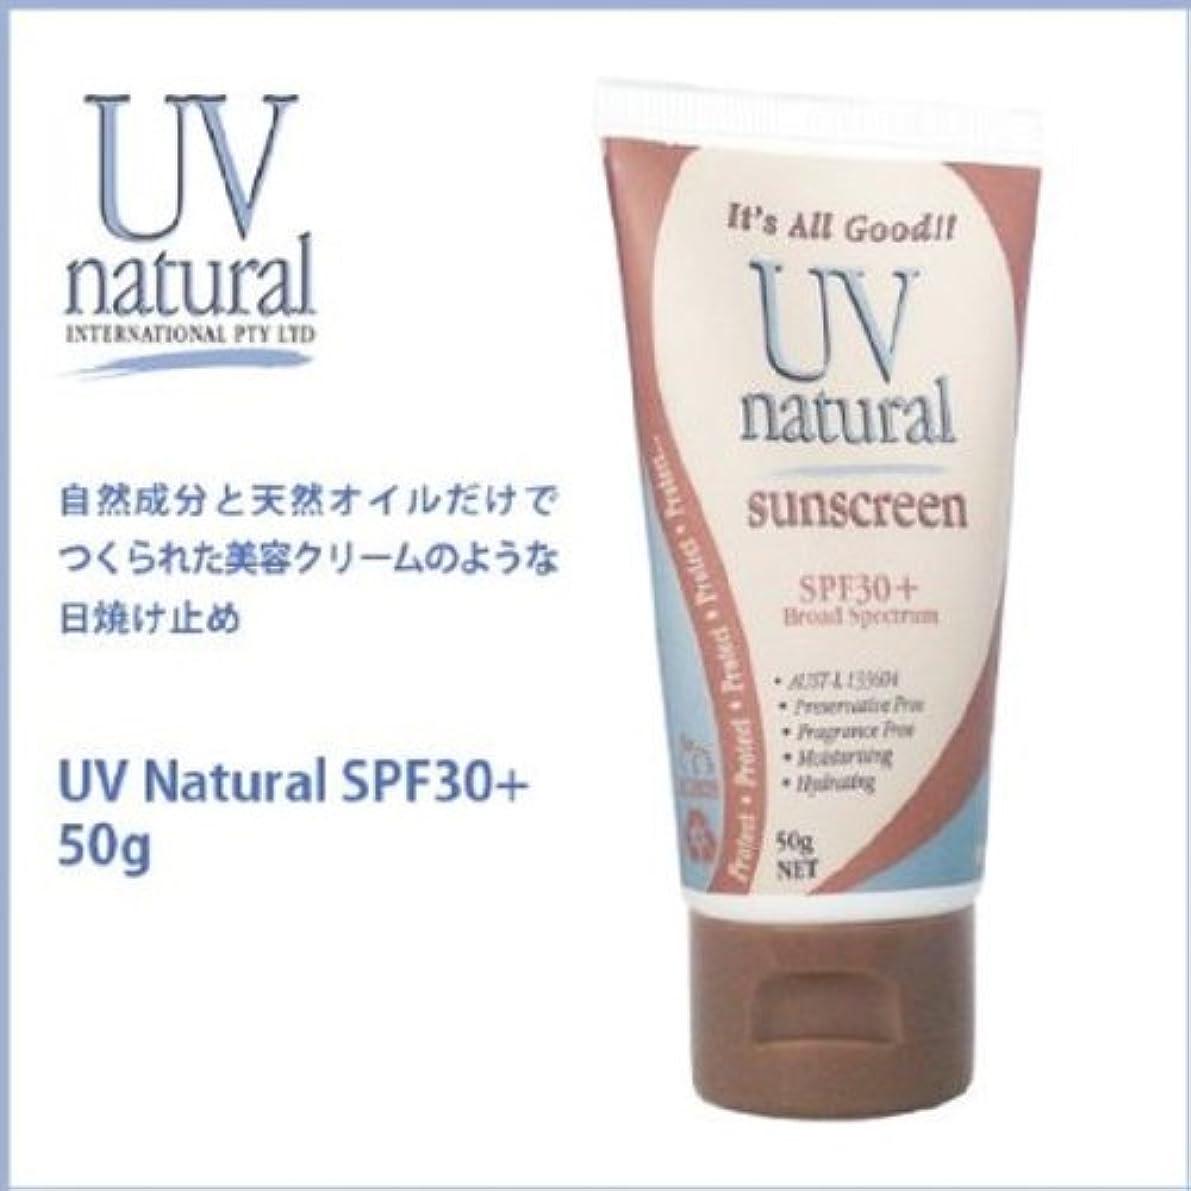 頭最小化する強制【UV NATURAL】日焼け止め Natural SPF30+ 50g 3本セット